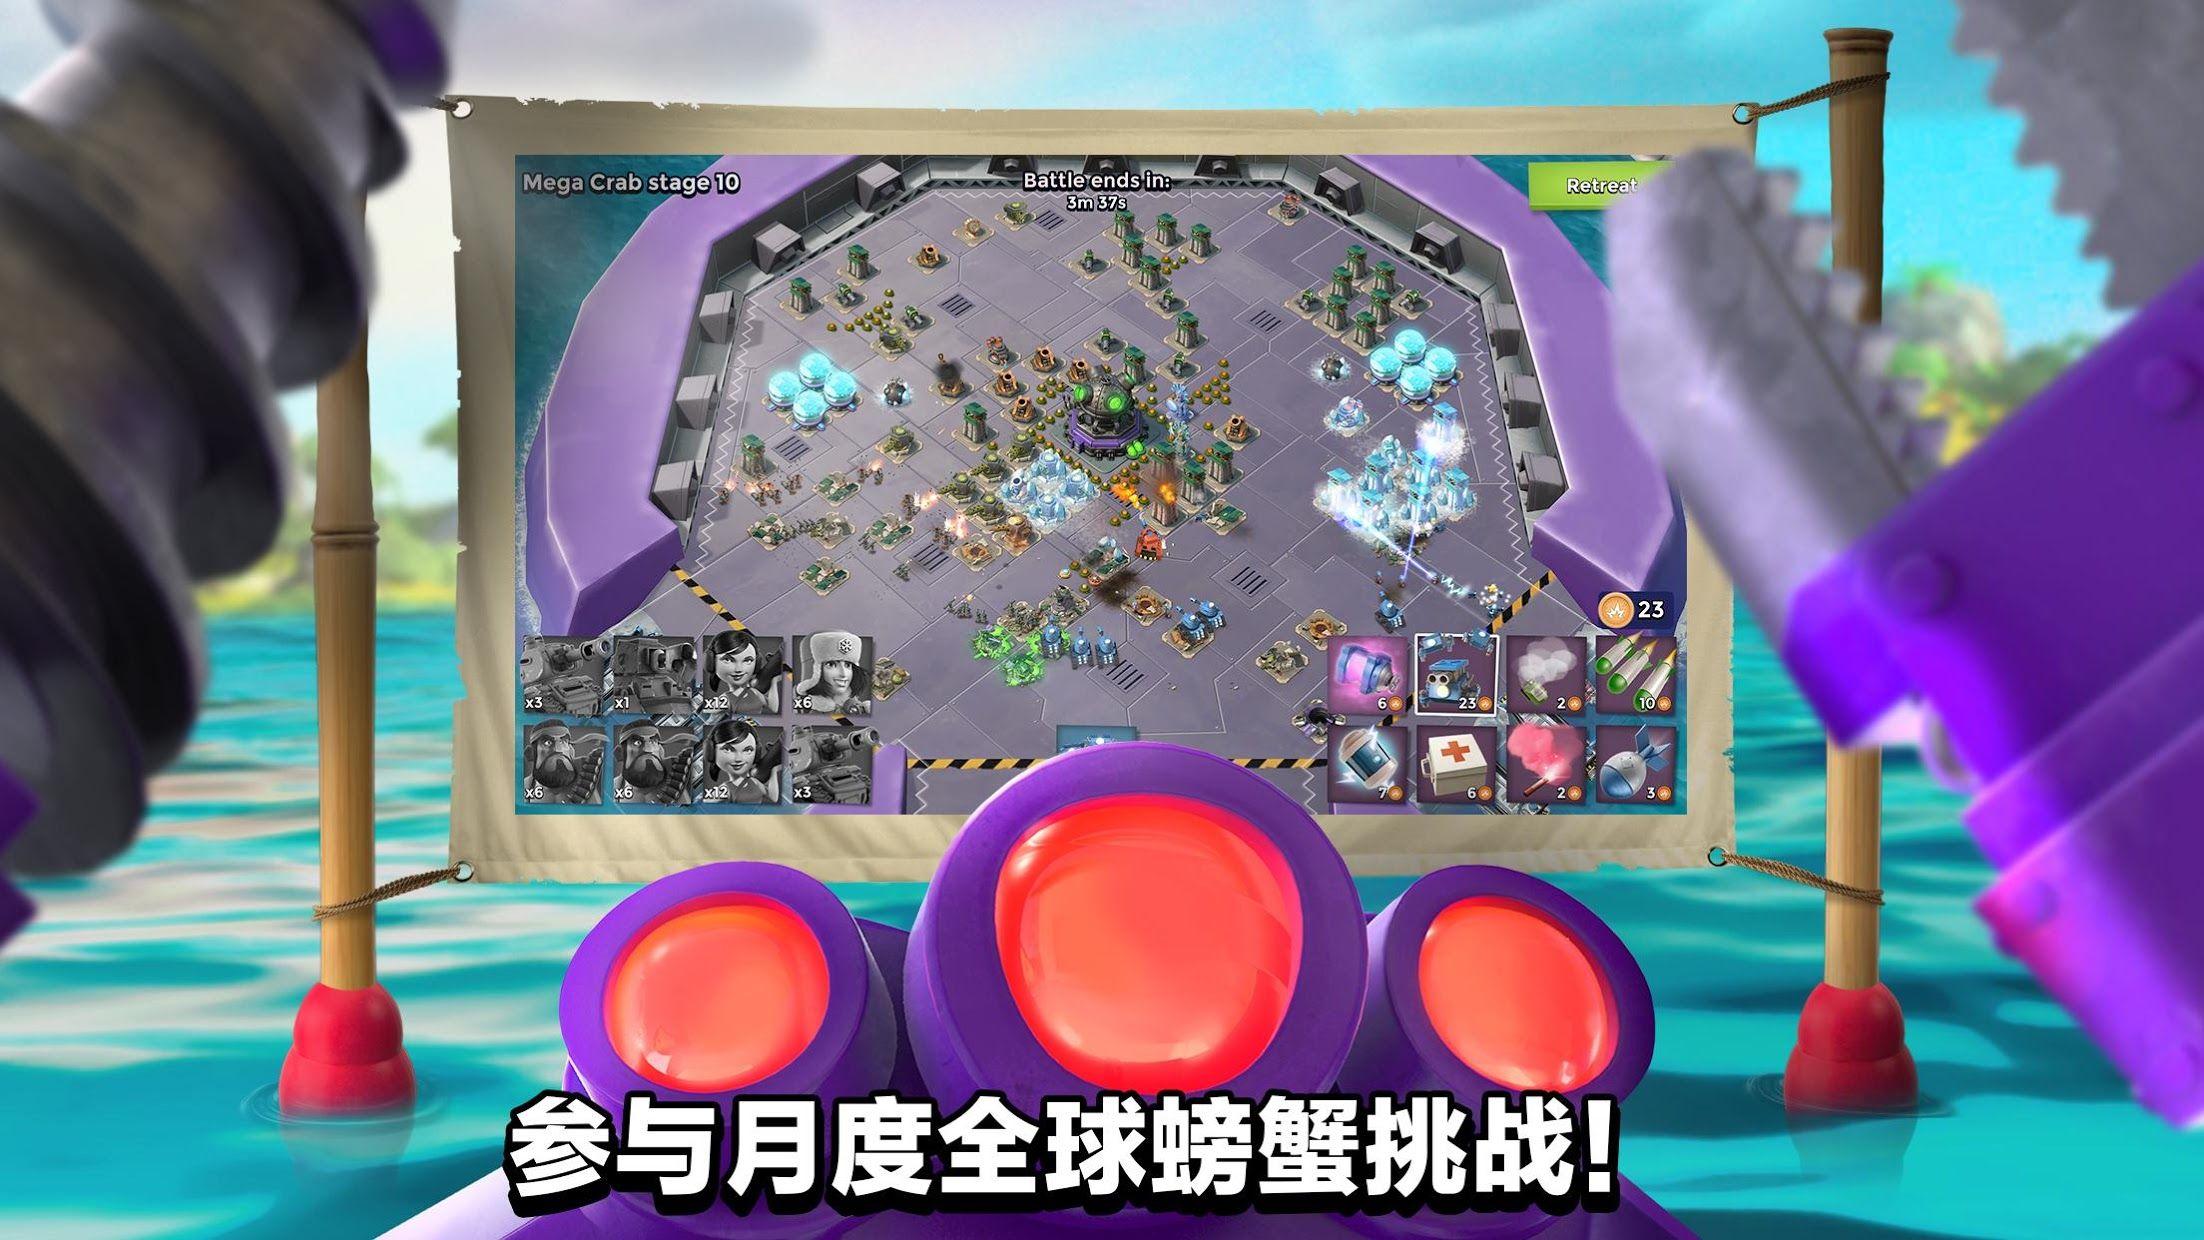 海岛奇兵(国际服 Boom Beach) 游戏截图4